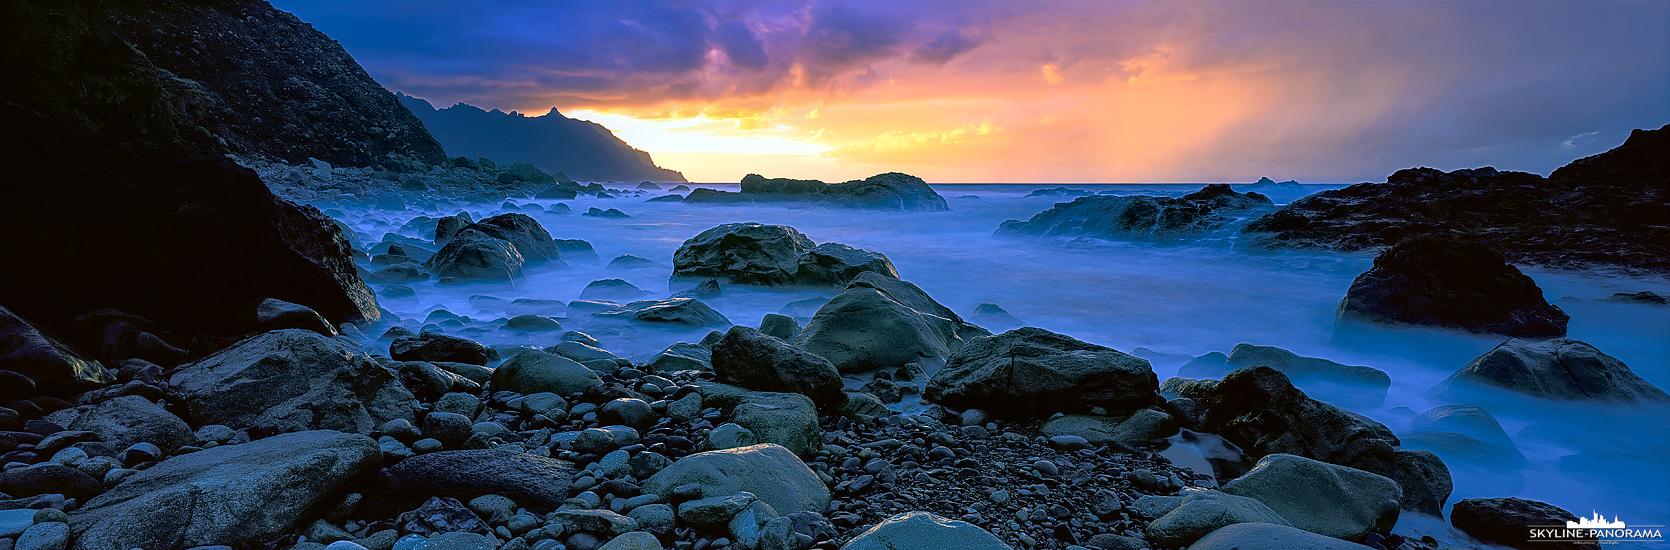 6x17 Panorama aus Teneriffa - Zum Sonnenuntergang am bekannten Felsenstrand Playa de Benijo im abgelegenen Norden der Ferieninsel Teneriffa. Durch die eindrucksvollen Felsen ist der Strand ein echtes Highlight für jeden Fotografen, zur Dämmerung und zum Sonnenaufgang bietet er eine tolle Fotolocation.